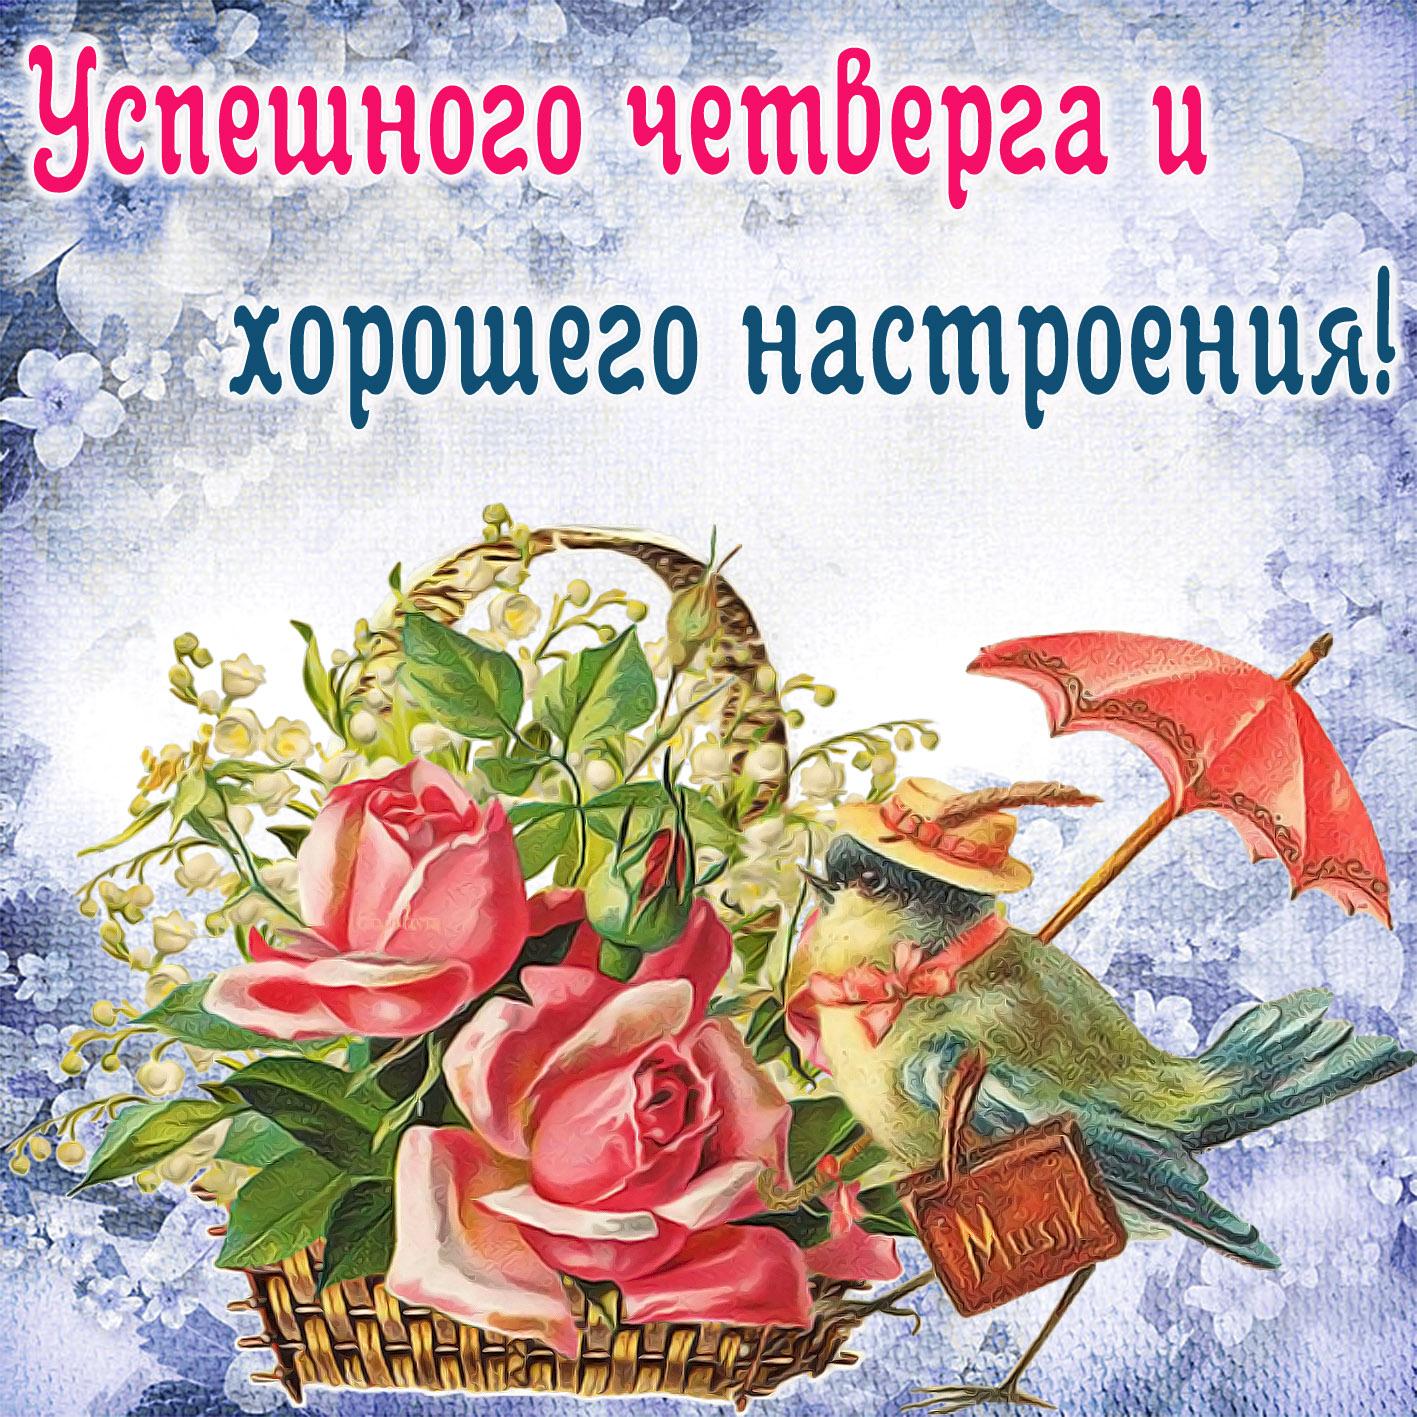 Поздравление для юля с днем рождения природе своей